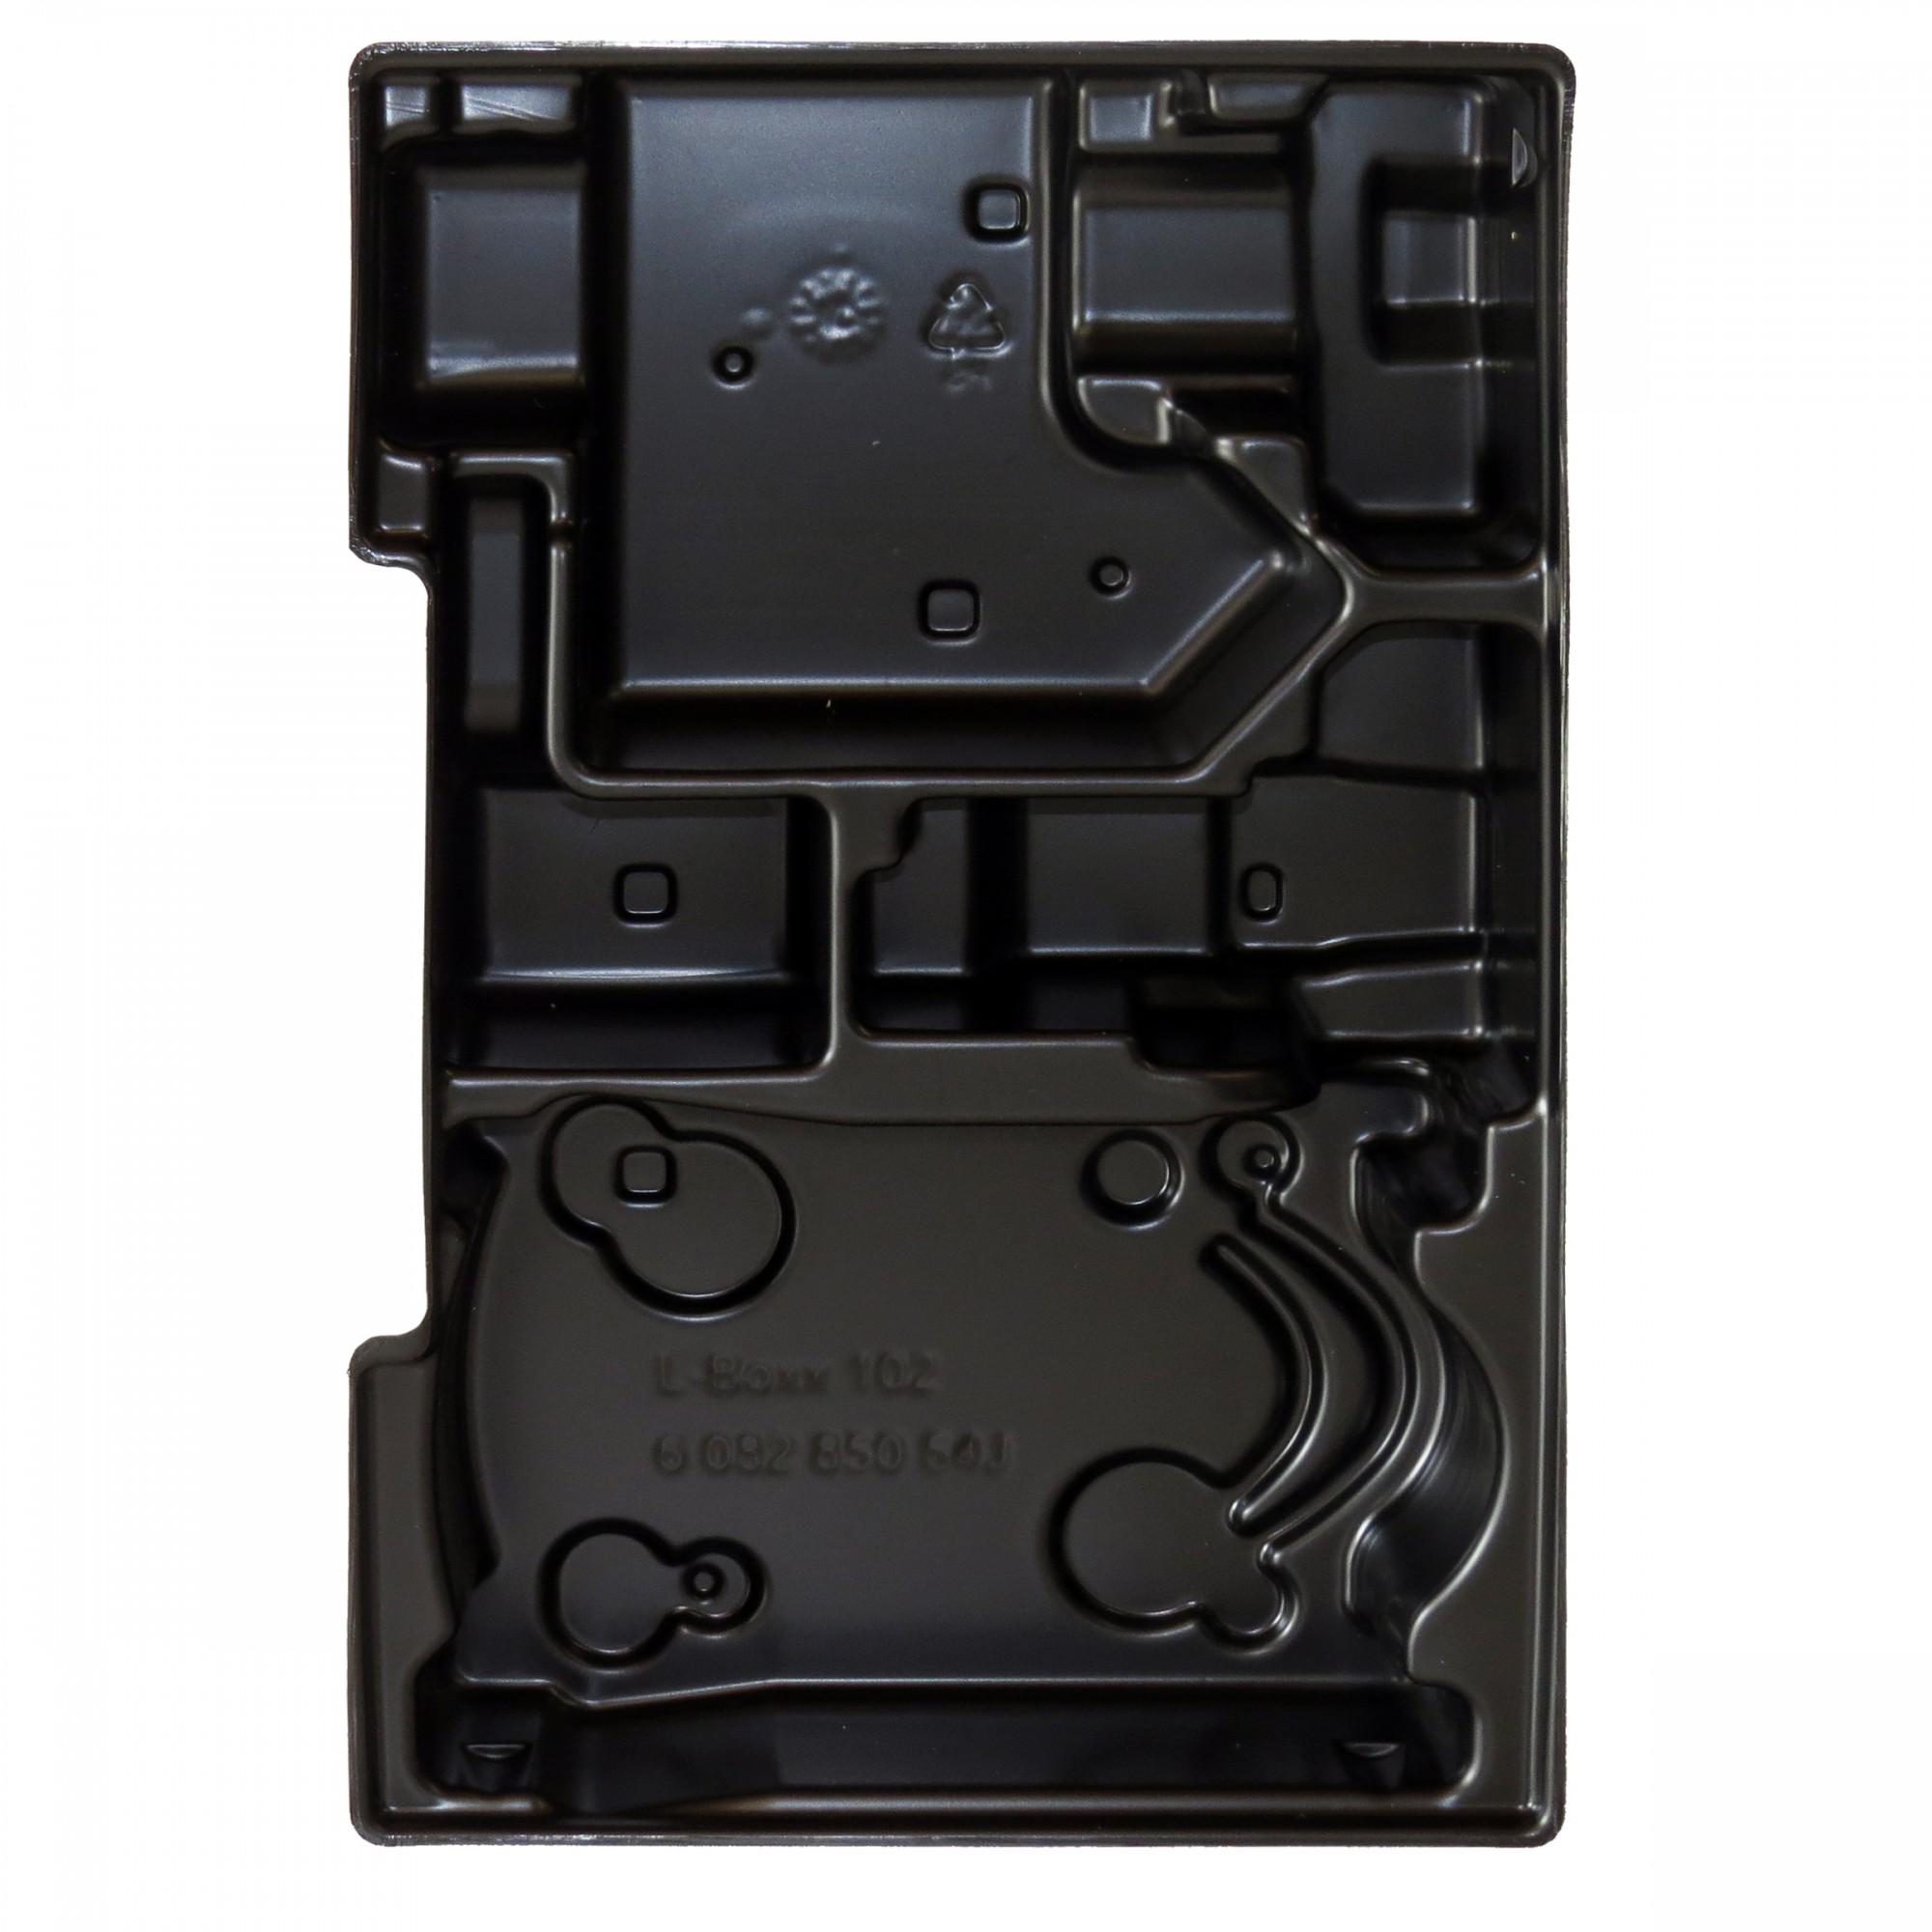 bosch 1 2 l boxx einlage f r ladeger t und akkus 10 8v 4 0 ah f r l boxx 102 elektrowerkzeuge. Black Bedroom Furniture Sets. Home Design Ideas